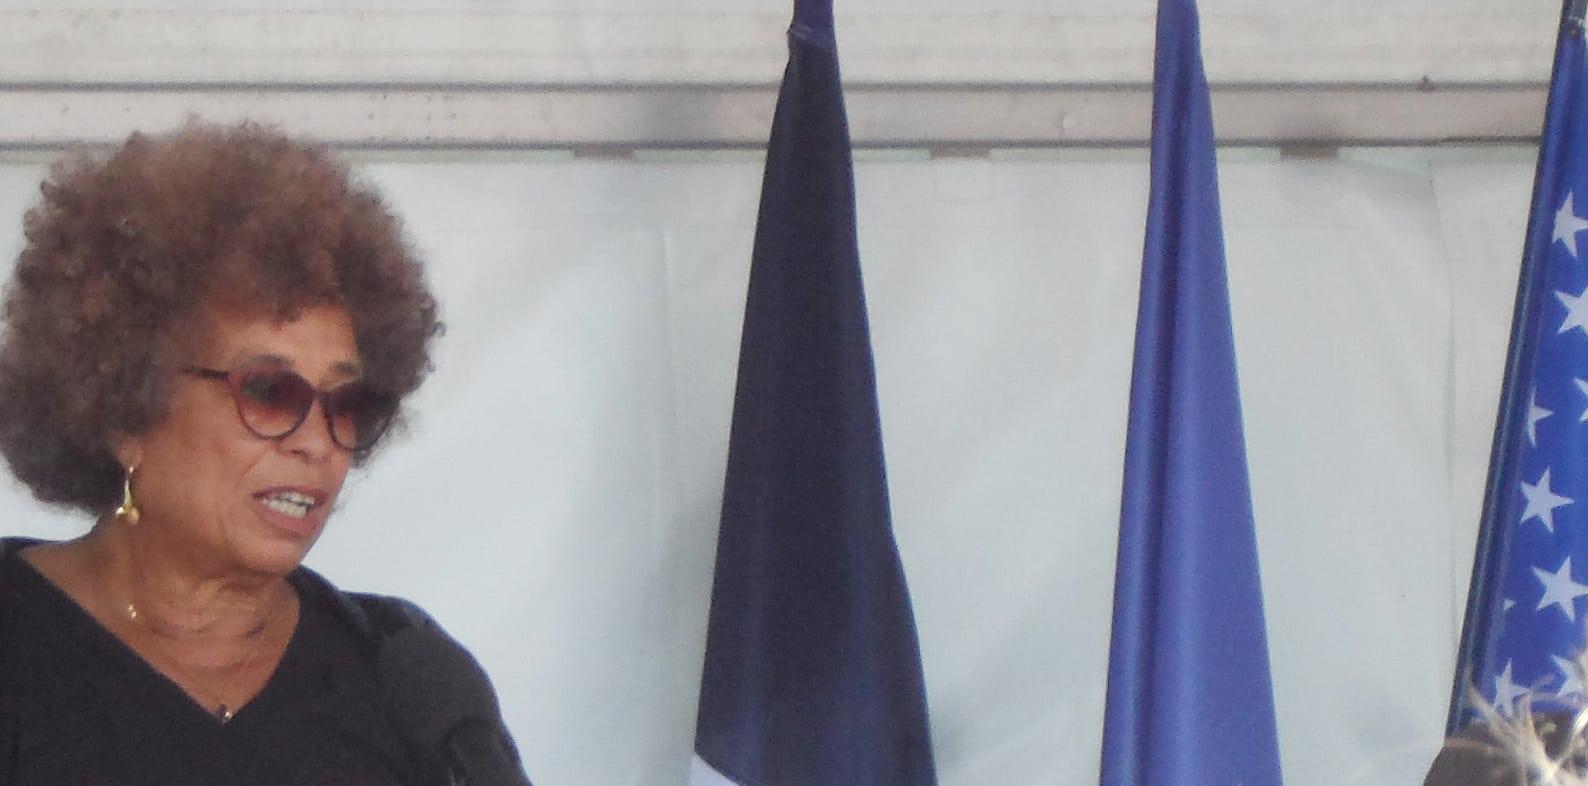 Angela qui ? n'a pas attiré les foules auAngela qui ? n'a pas attiré les foules au Mémorial de Nantes Mémorial de Nantes